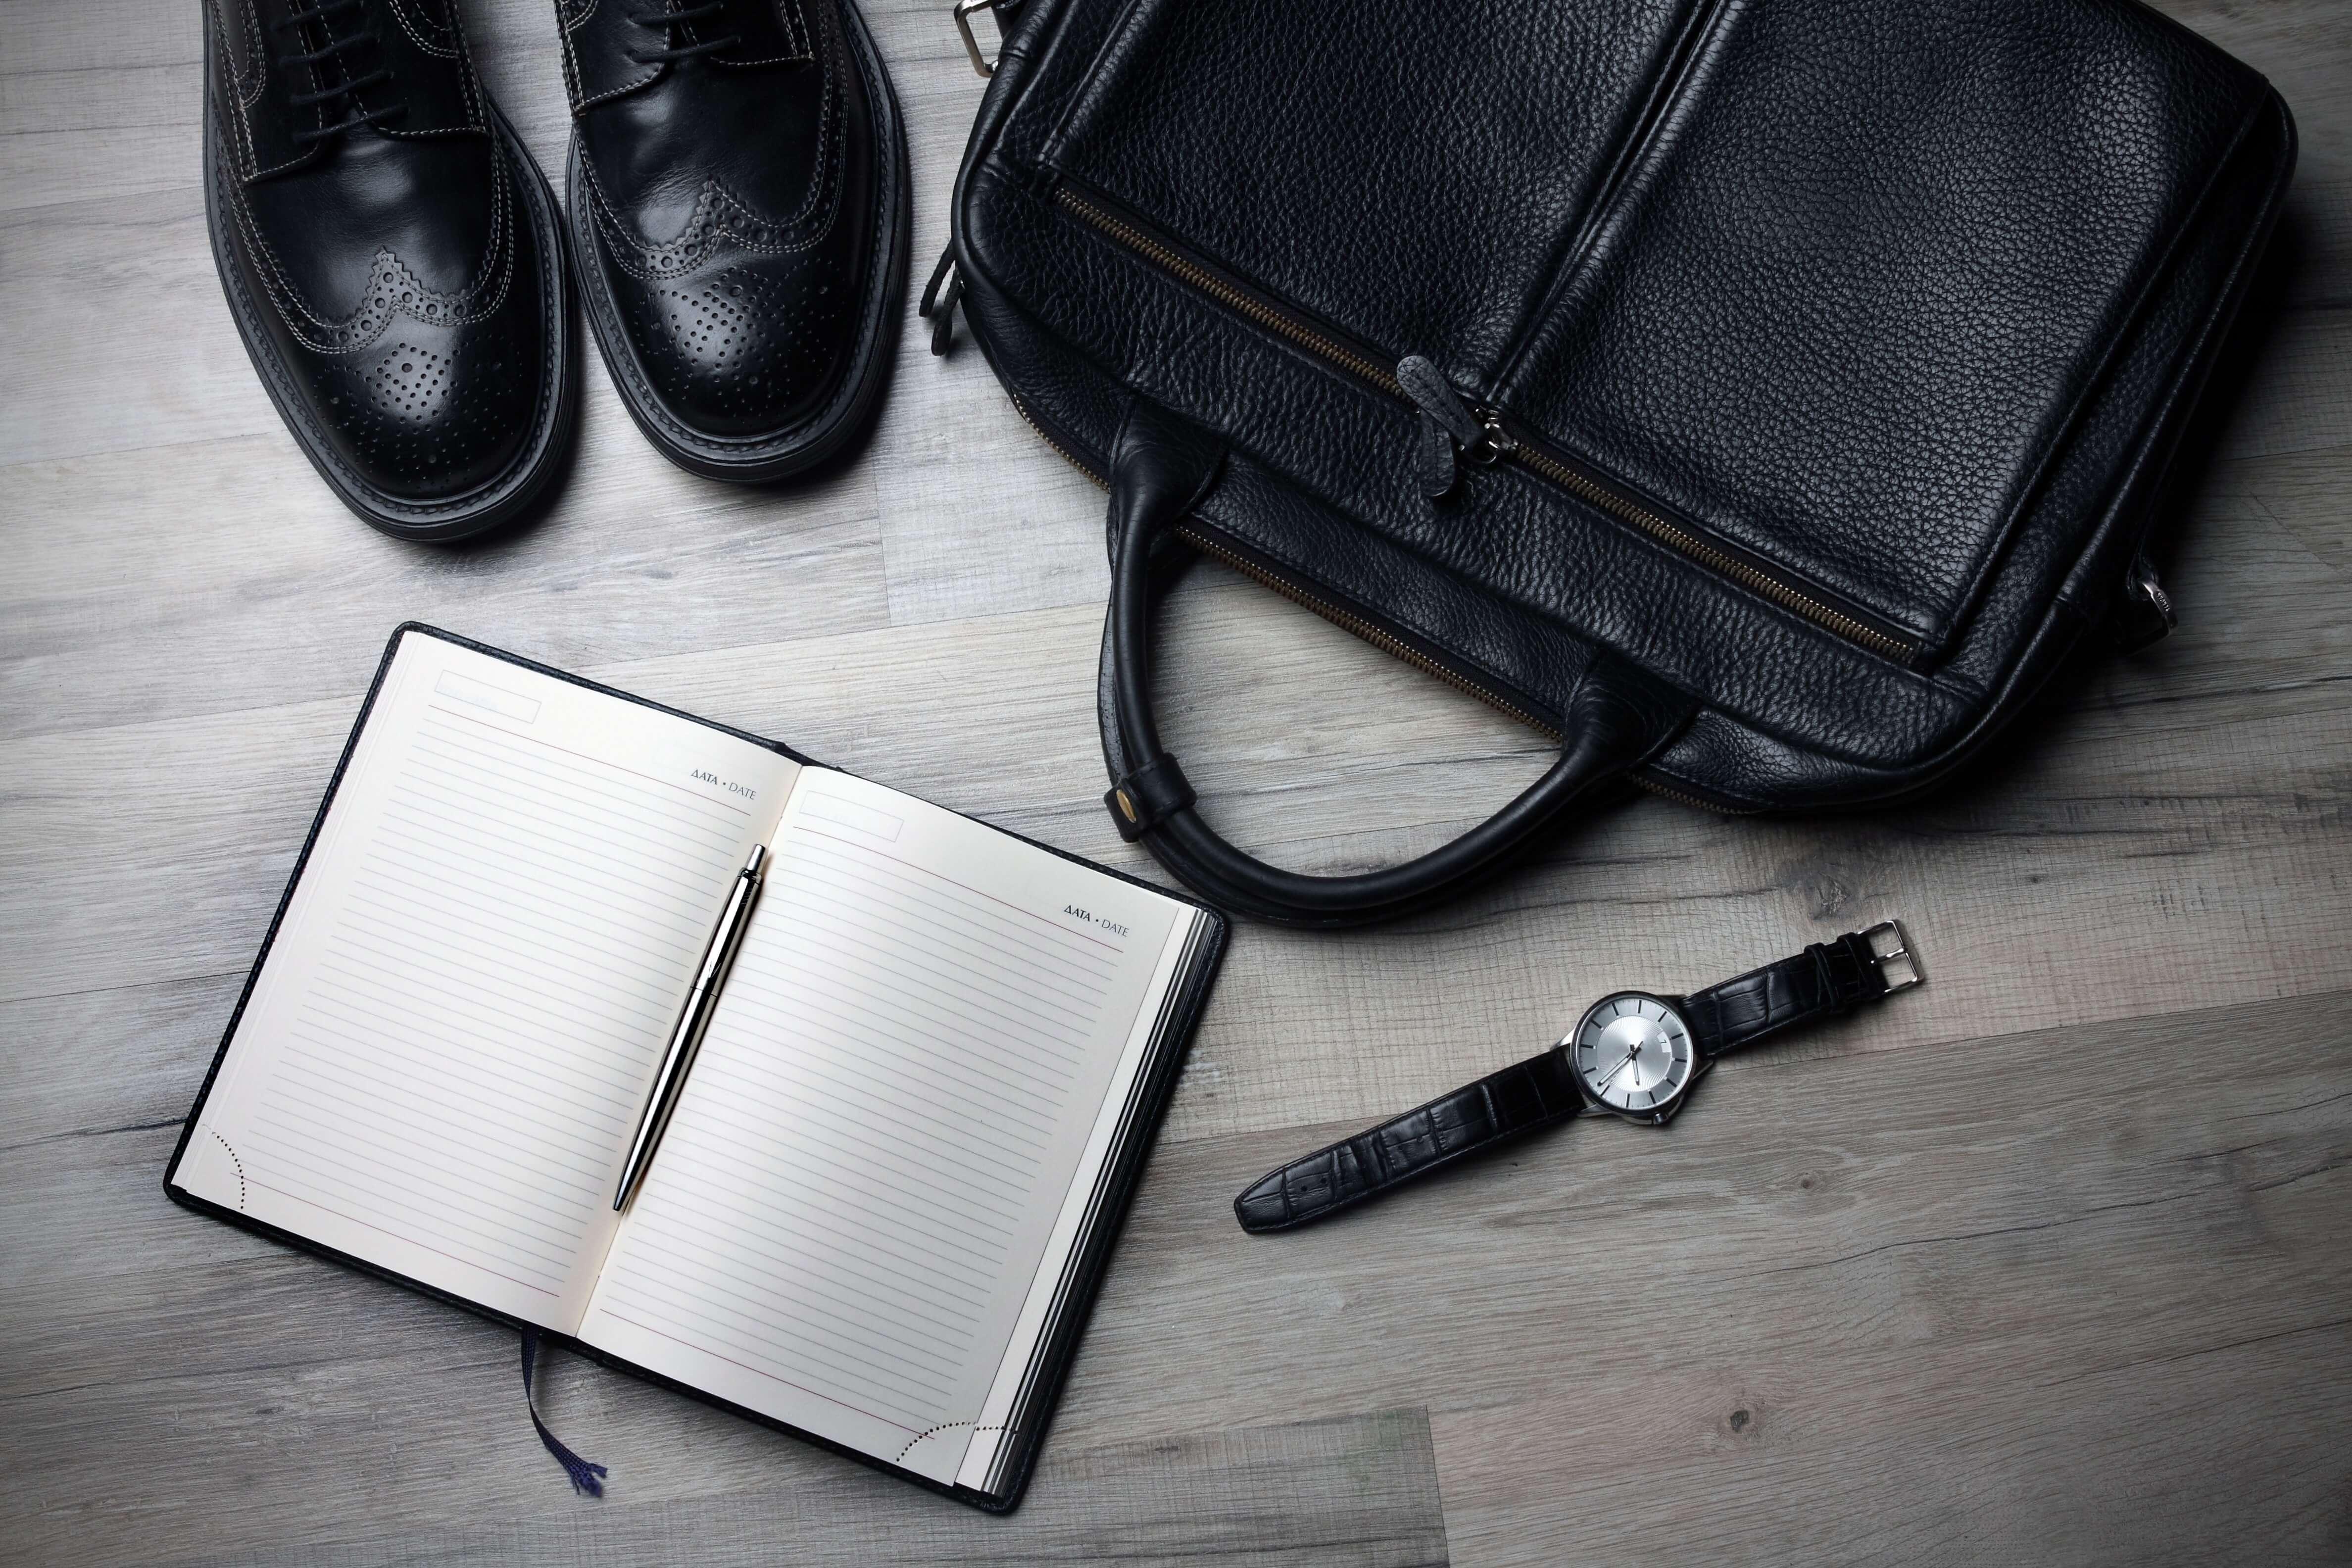 バッグ・靴・ノート・時計の画像